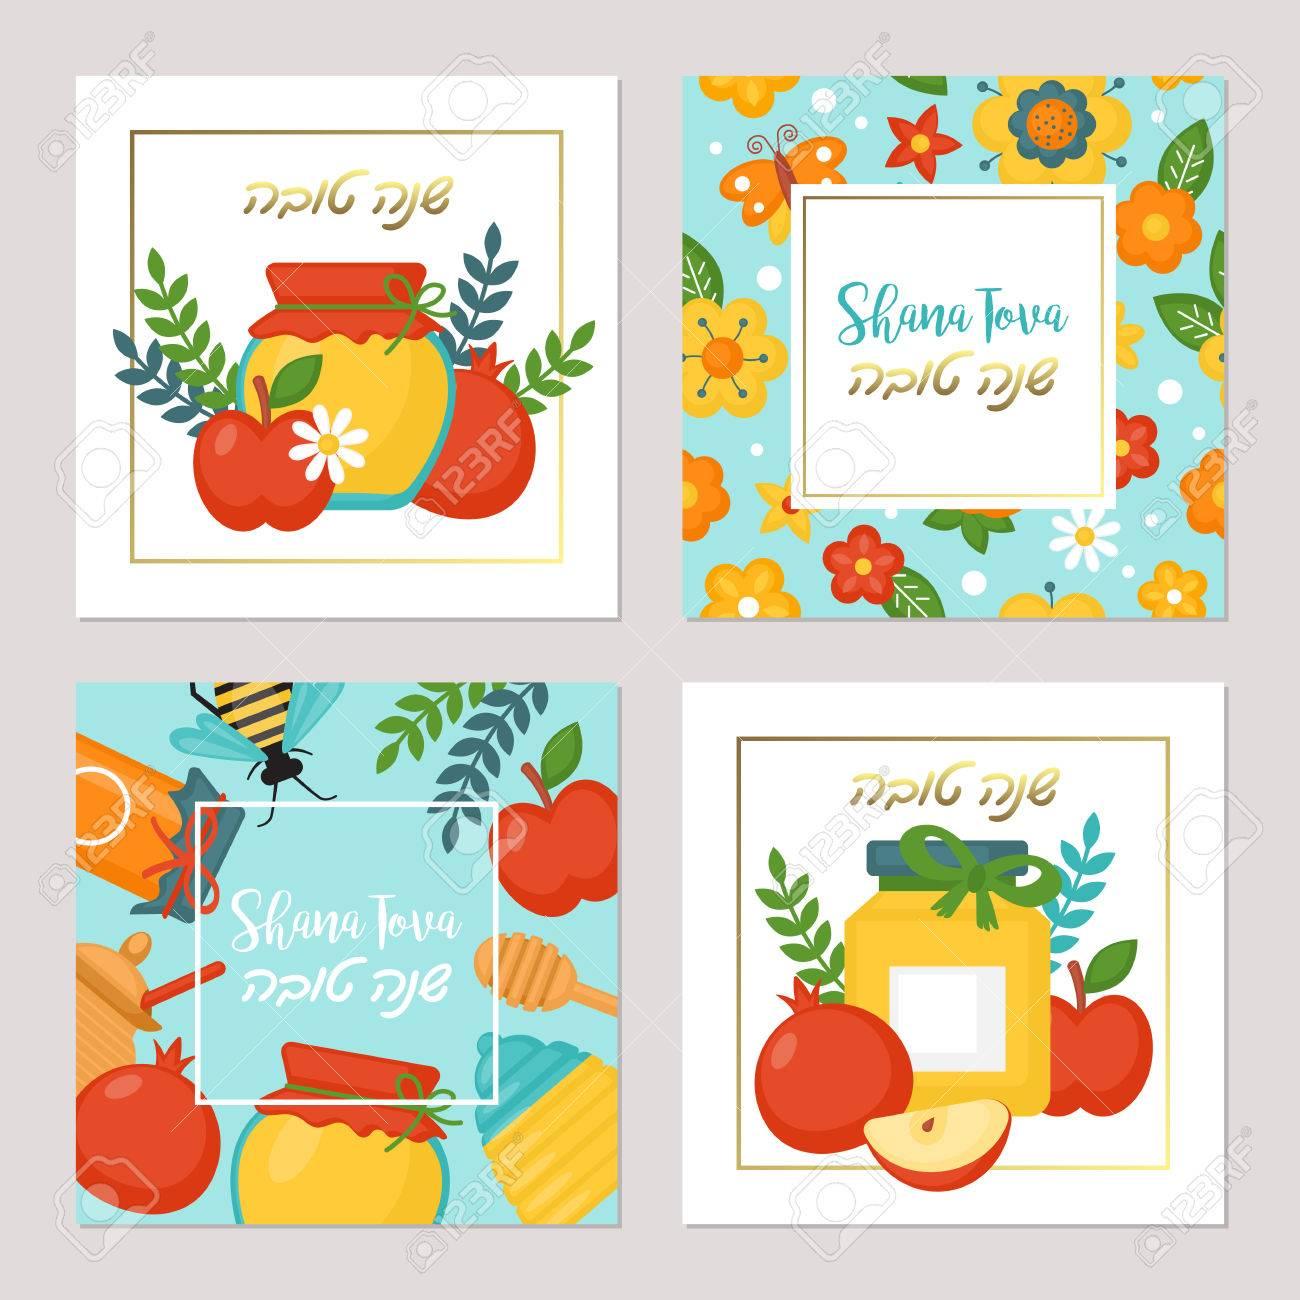 Rosh hashanah jewish new year holiday greeting card design set rosh hashanah jewish new year holiday greeting card design set stock vector 81645051 m4hsunfo